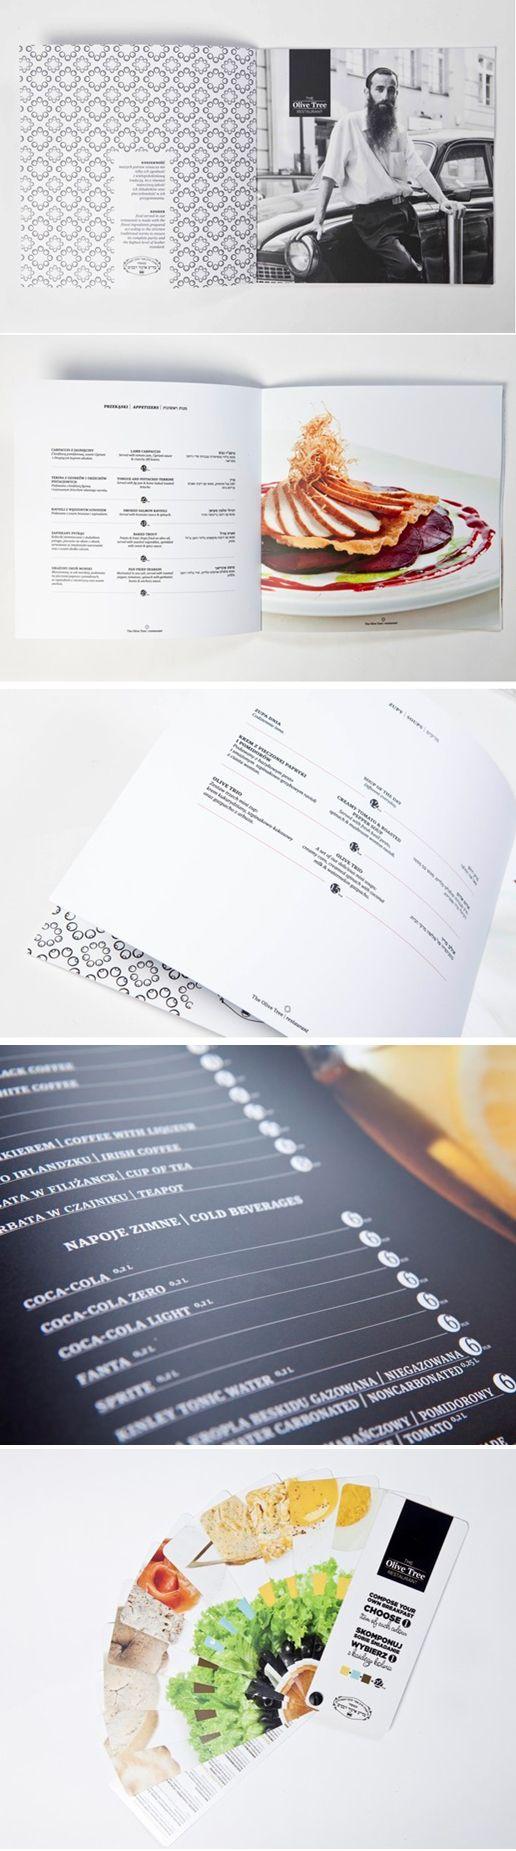 73 best [ Menu Design ] images on Pinterest | Diner menu, Dinner ...